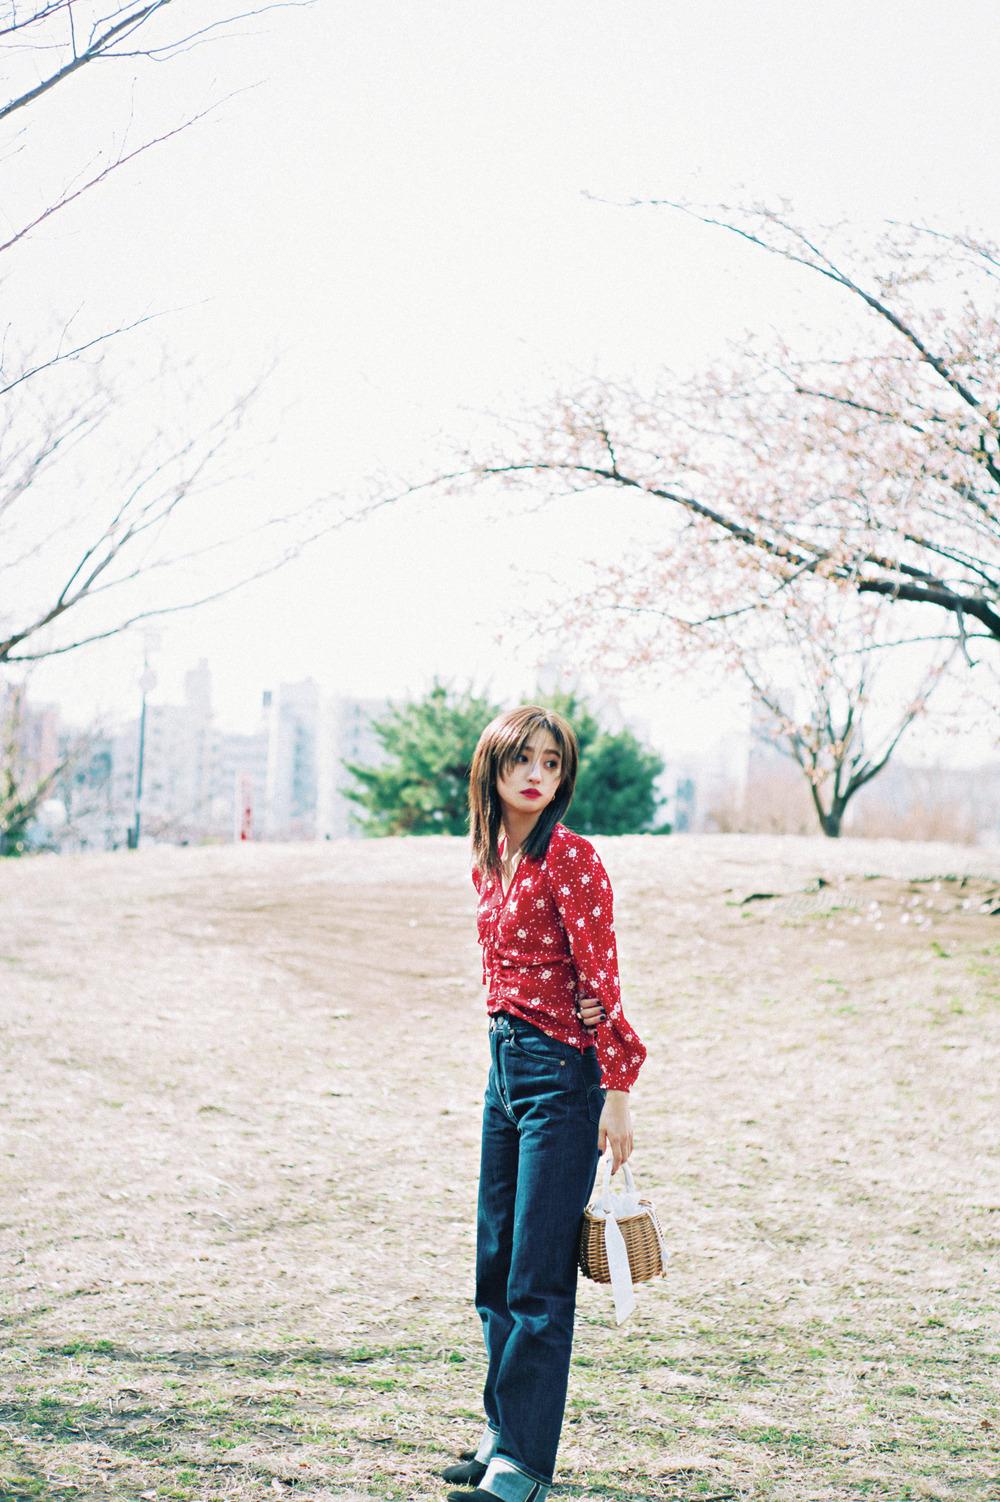 ① ヴィンテージ風の花柄ブラウス